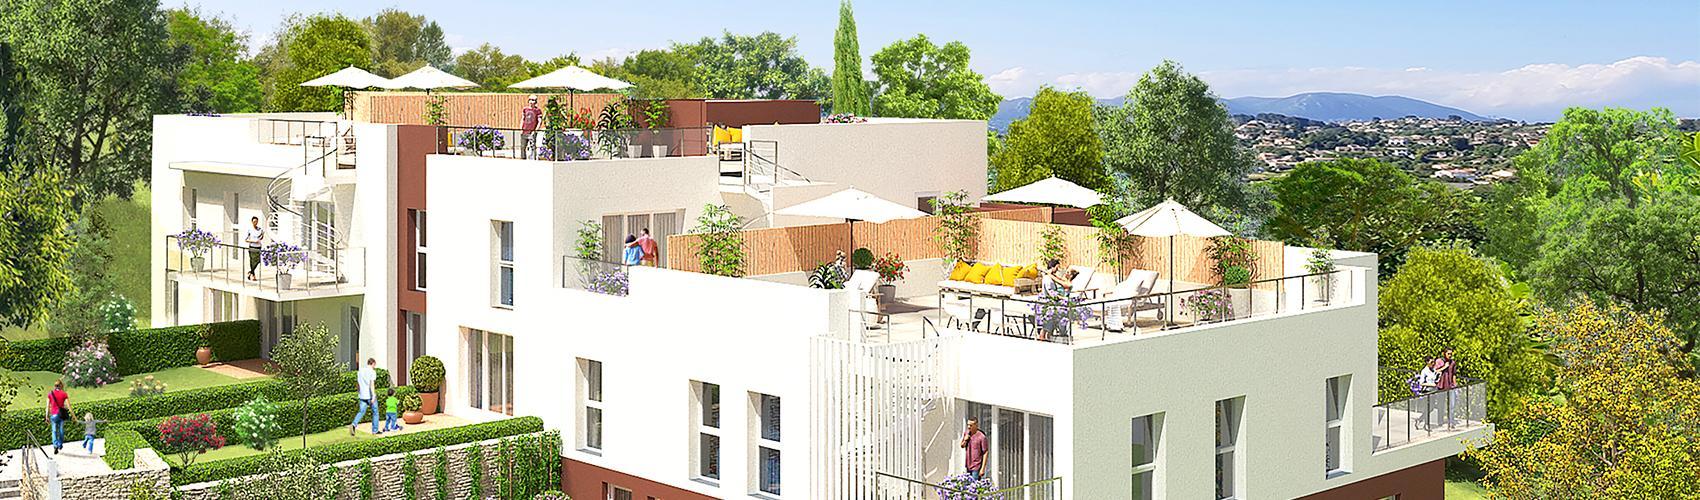 Photo du programme immobilier neuf VALB-897 à Valbonne